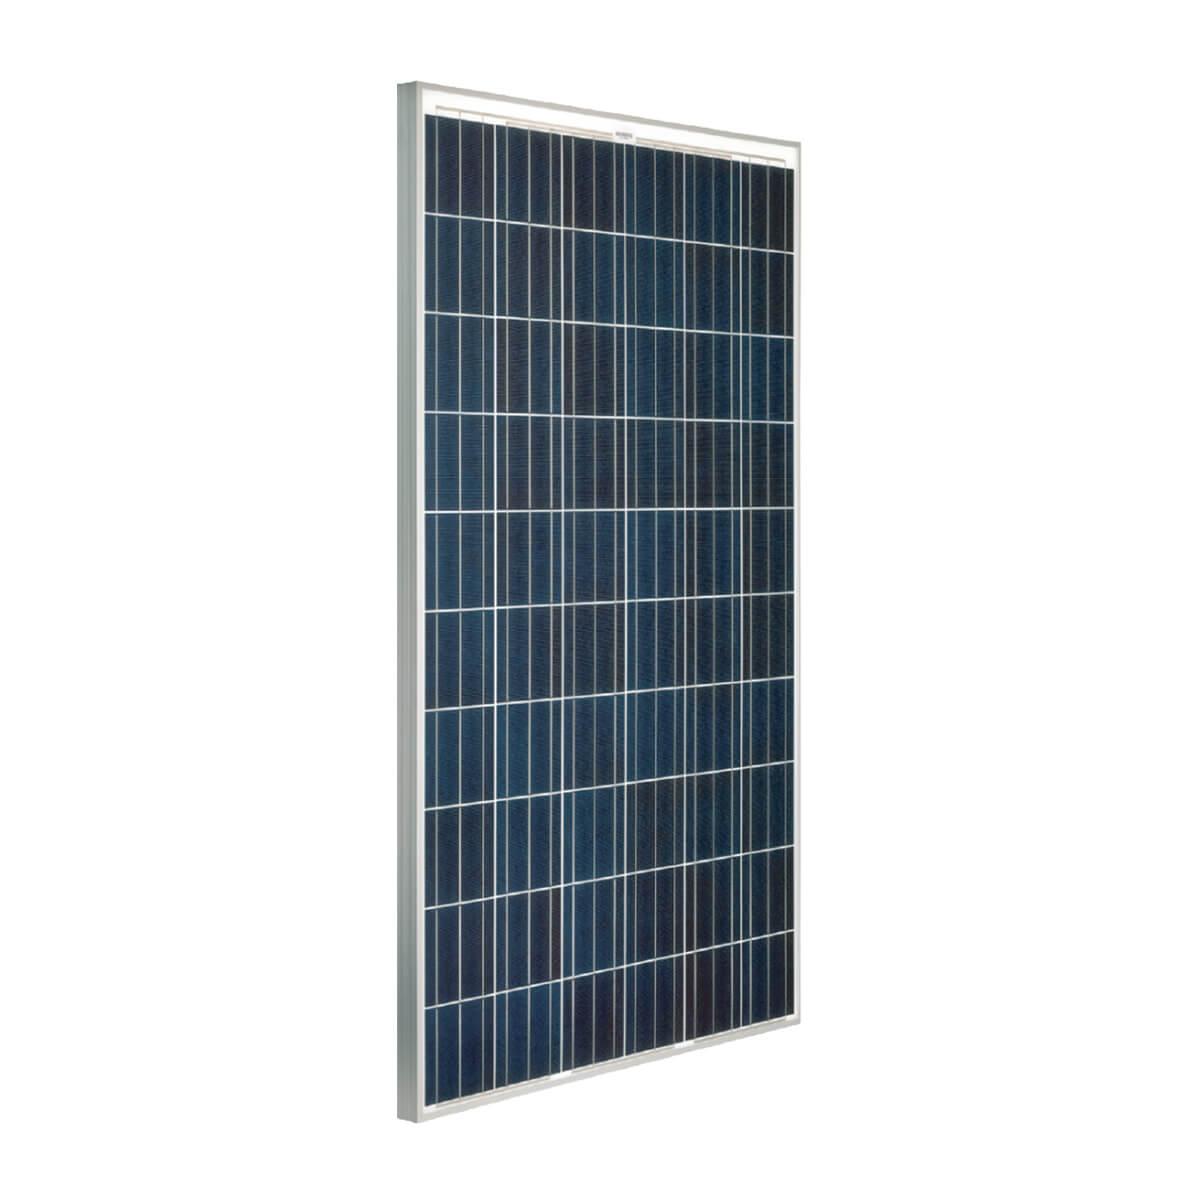 ankara solar 270W panel, ankara solar 270Watt panel, ankara solar 270 W panel, ankara solar 270 Watt panel, ankara solar 270 Watt polikristal panel, ankara solar 270 W watt gunes paneli, ankara solar 270 W watt polikristal gunes paneli, ankara solar 270 W Watt fotovoltaik polikristal solar panel, ankara solar 270W polikristal gunes enerjisi, ankara solar AS-P60-270W panel, ANKARA SOLAR 270 WATT